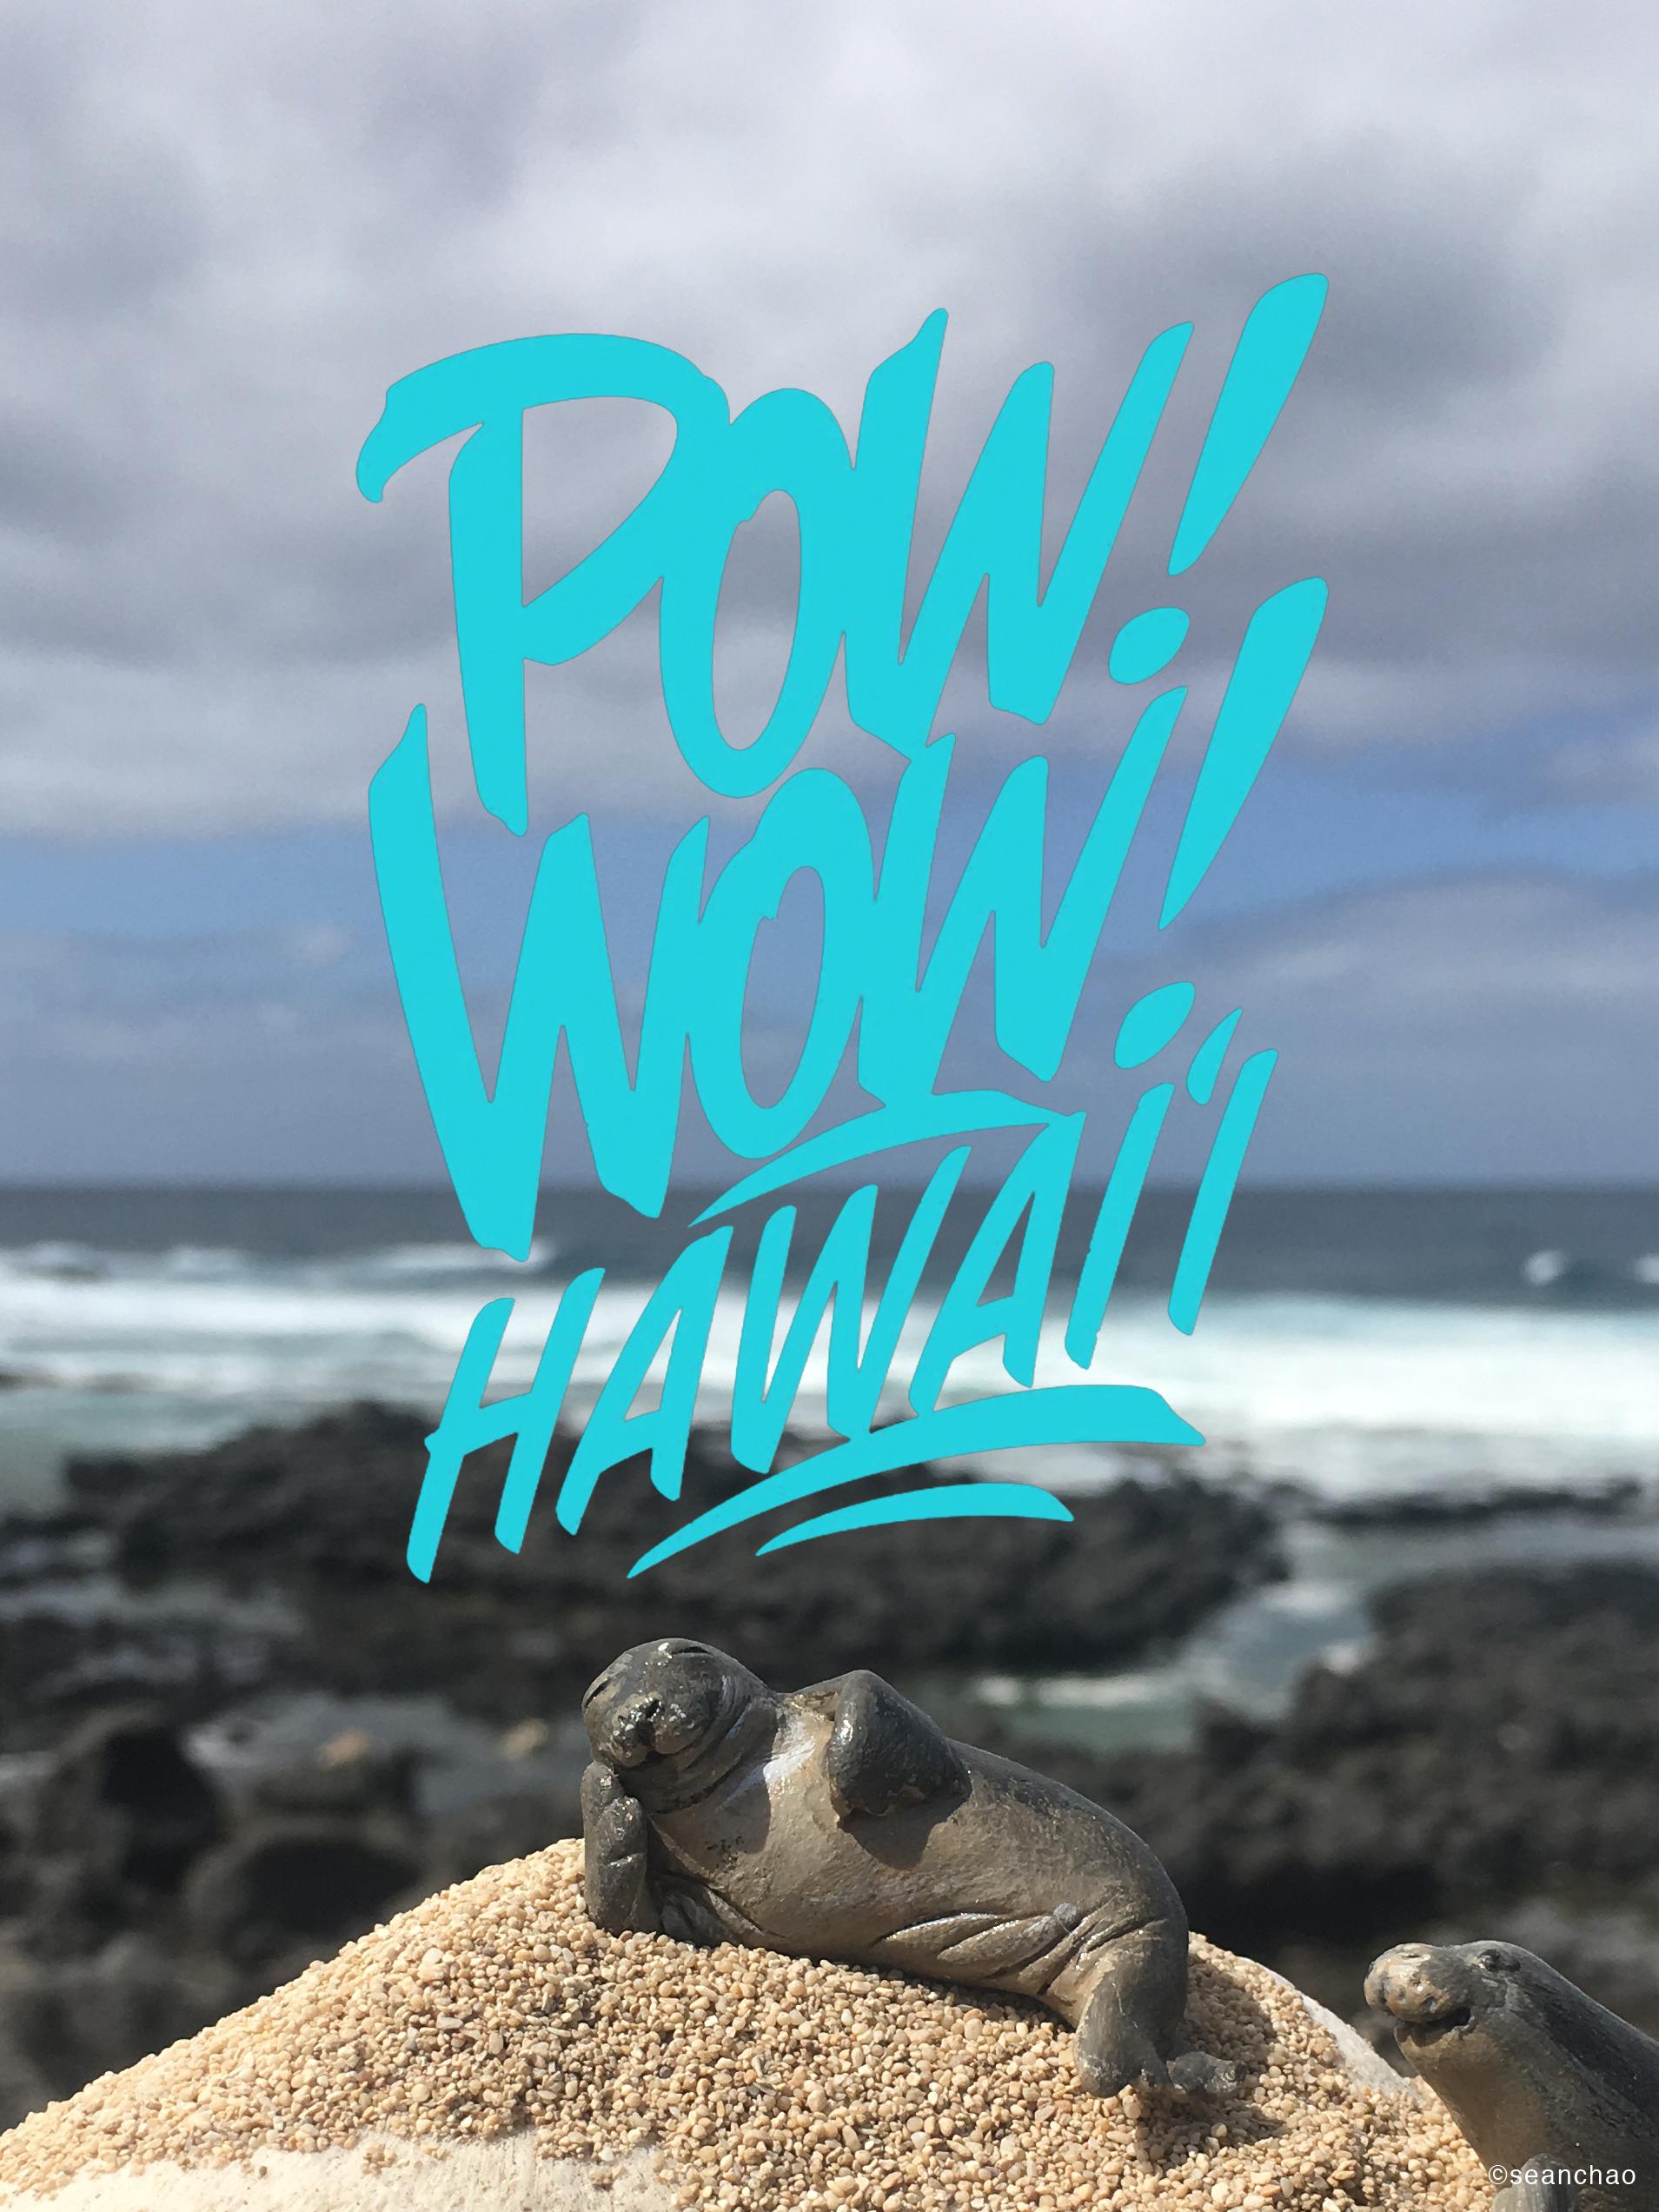 http://powwowhawaii.com/